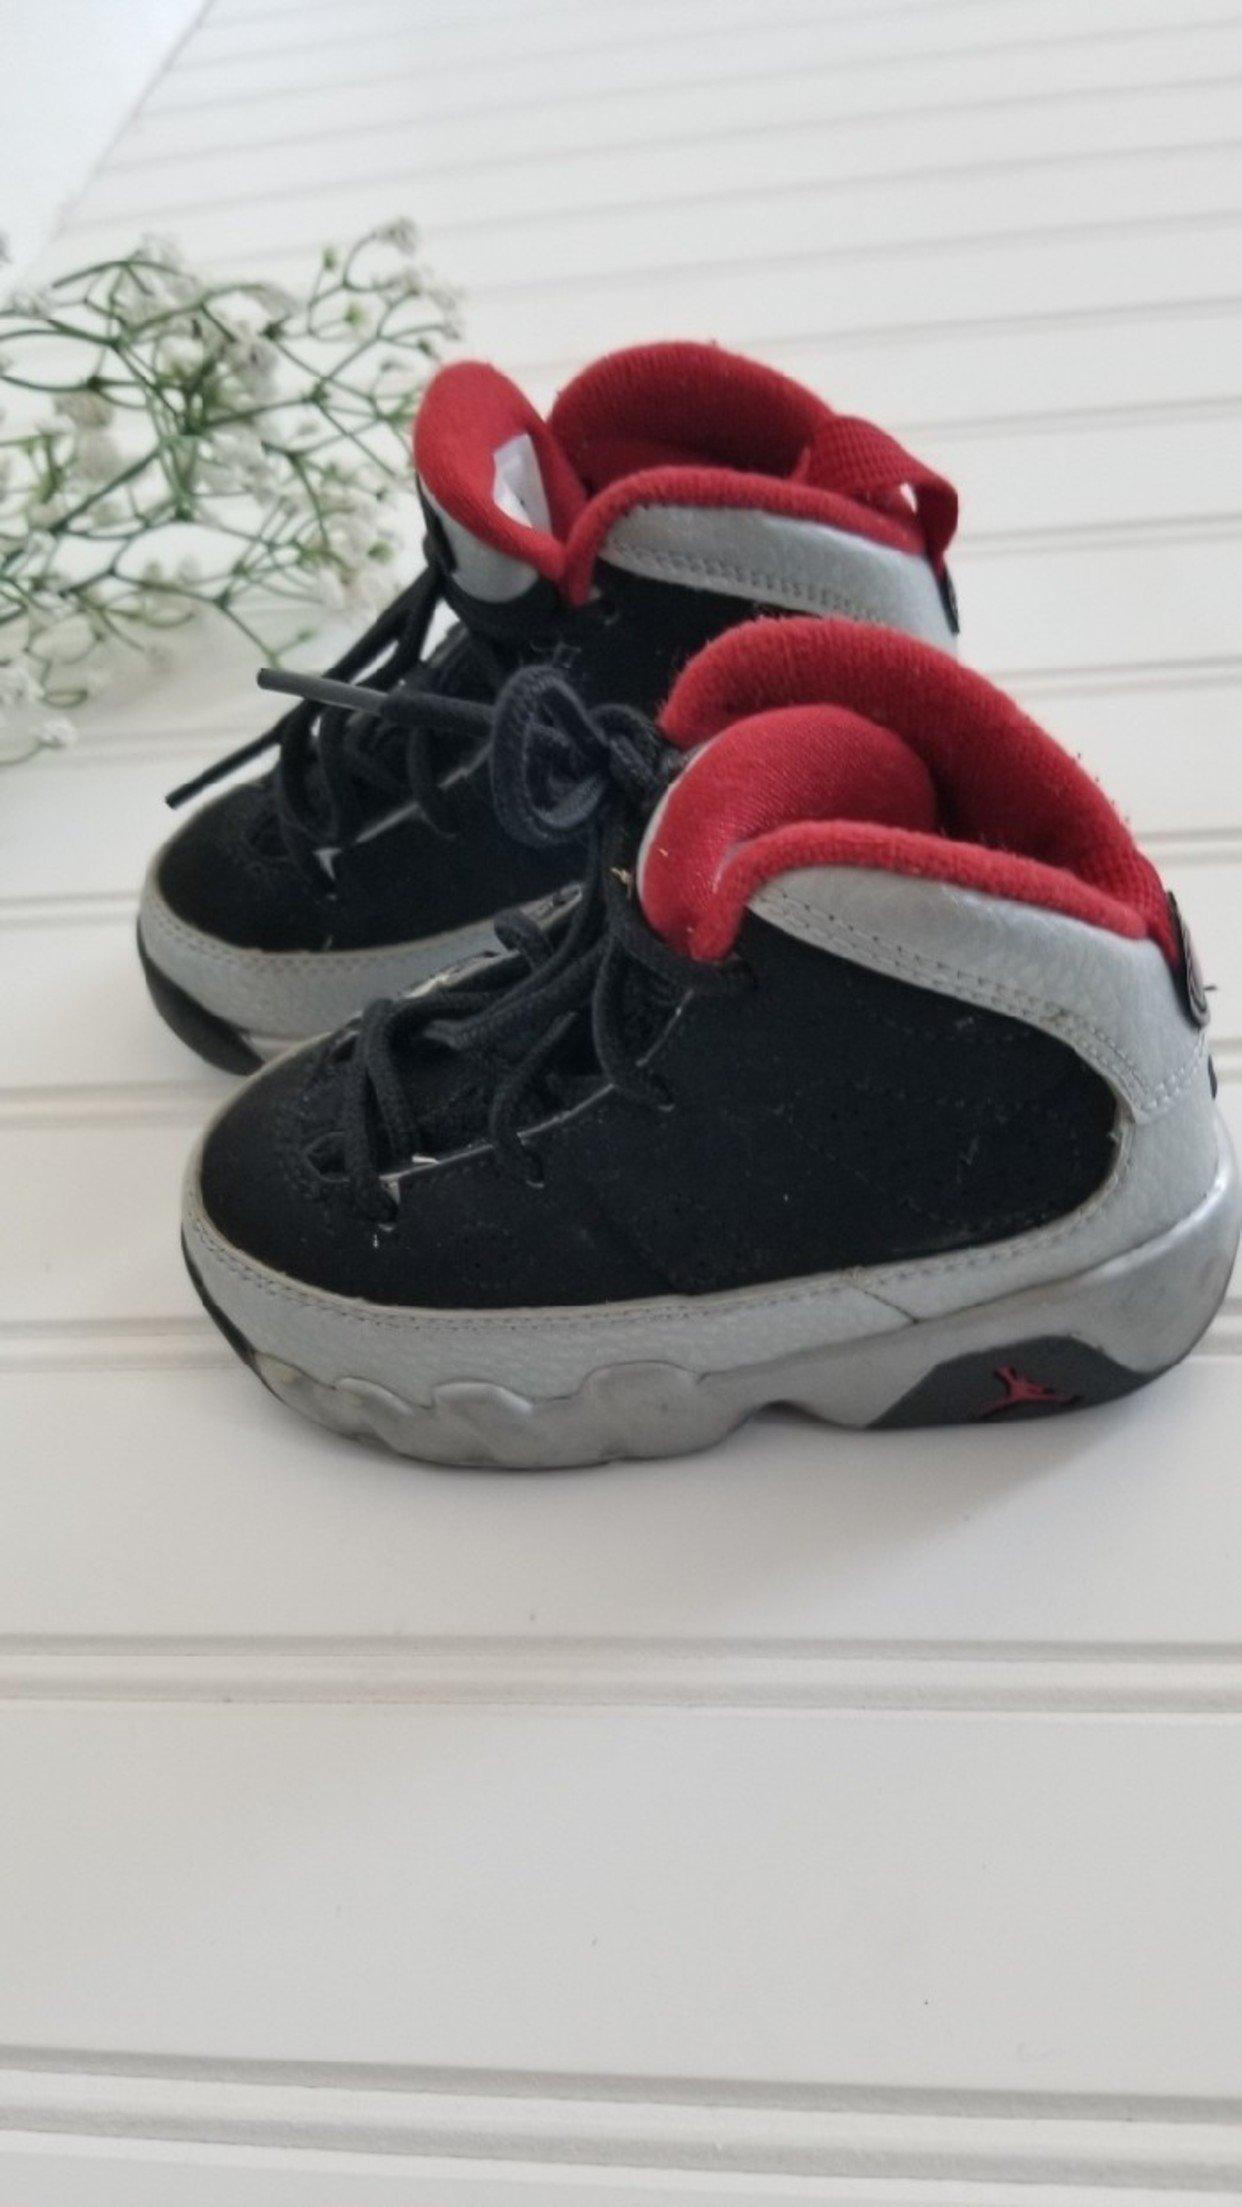 Baby Jordans shoes 5c